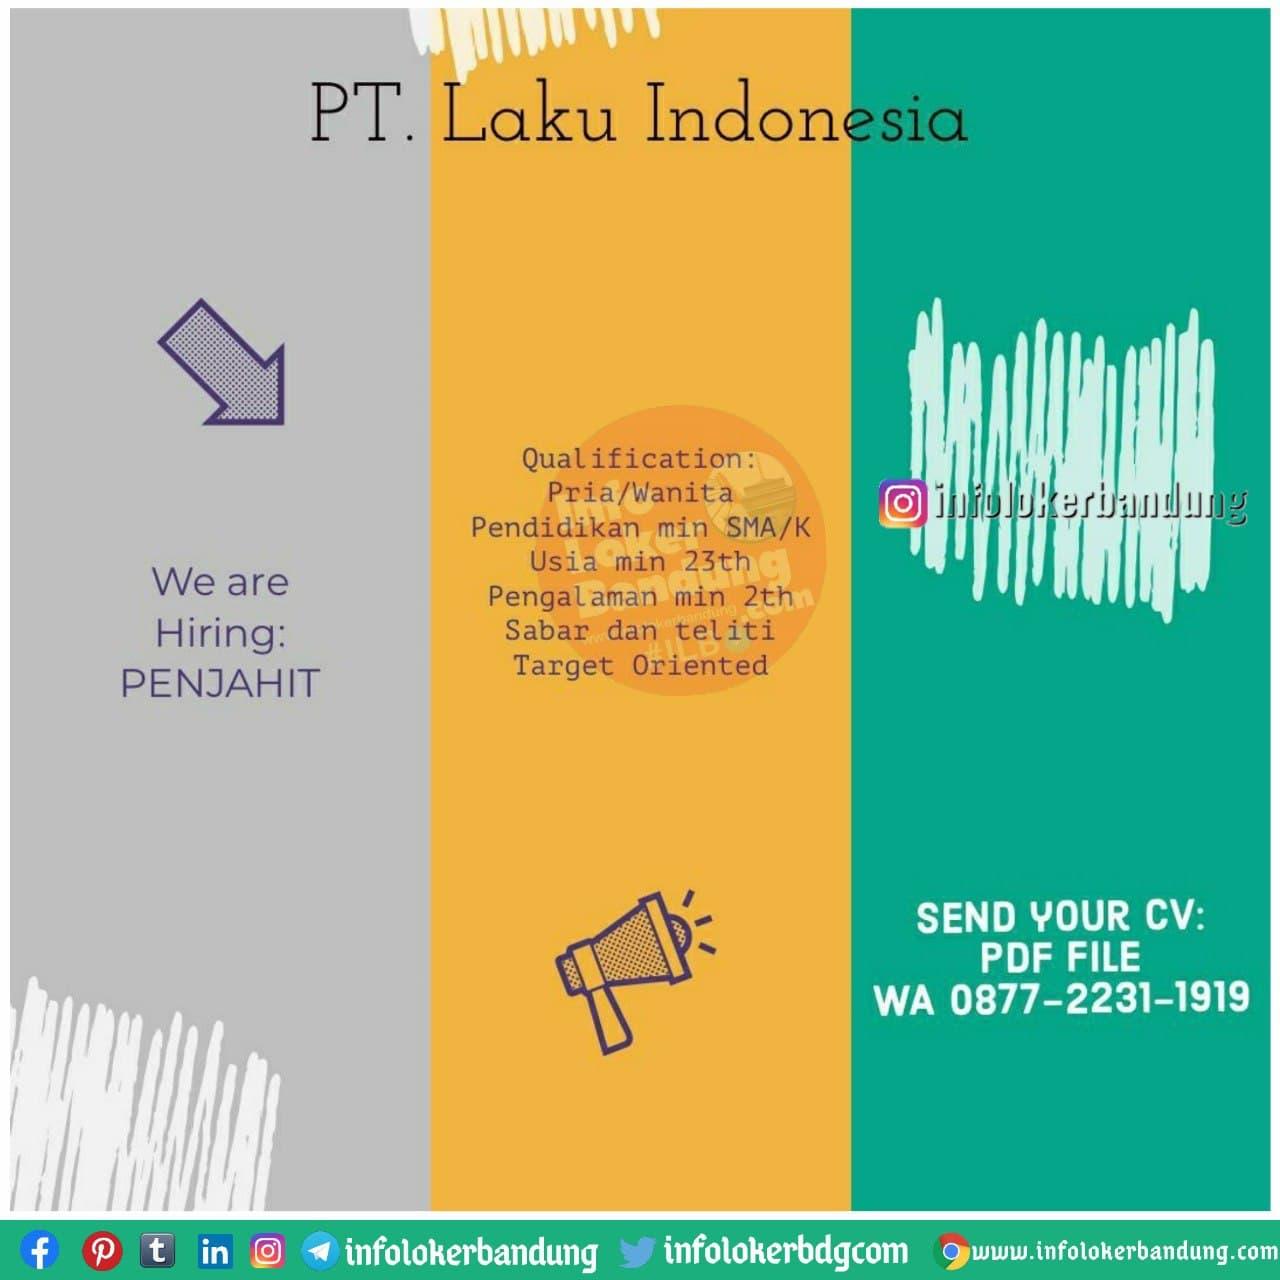 Lowongan Kerja PT. Laku Indonesia Bandung Desember 2020